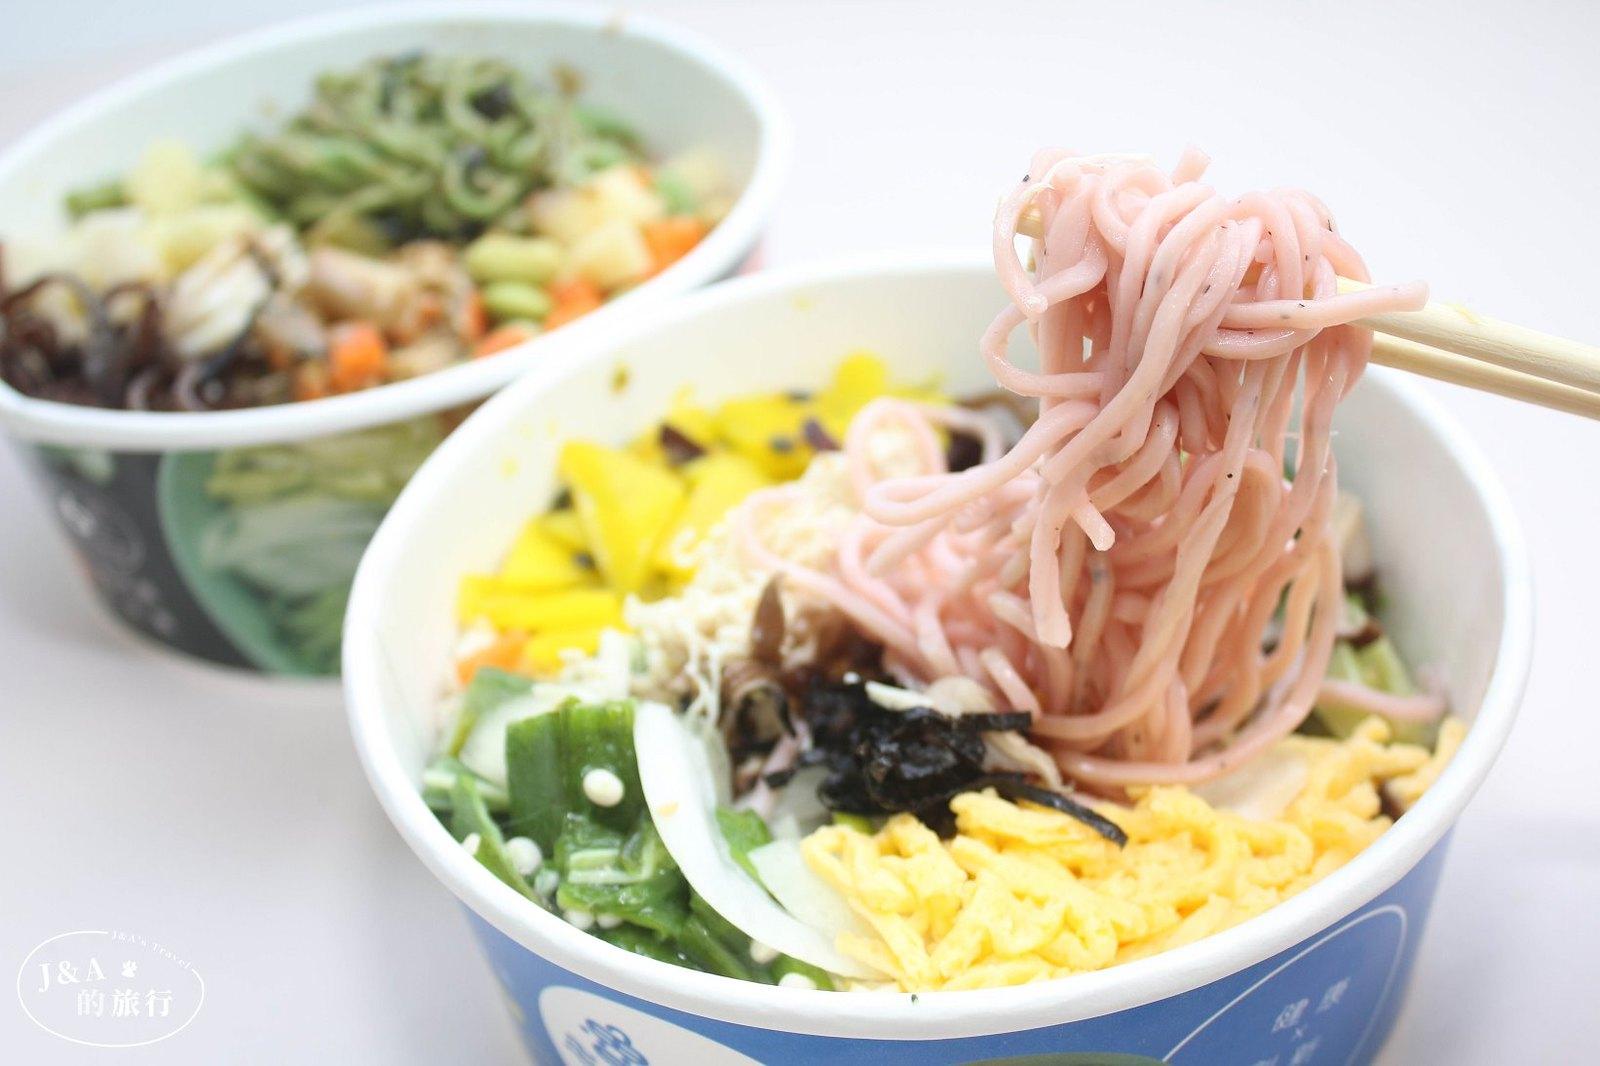 最新推播訊息:Q彈的現煮現冰鎮創意涼麵,紅龍果麵、阿華田麵、仙草麵、綠藻麵你喜歡哪一種?